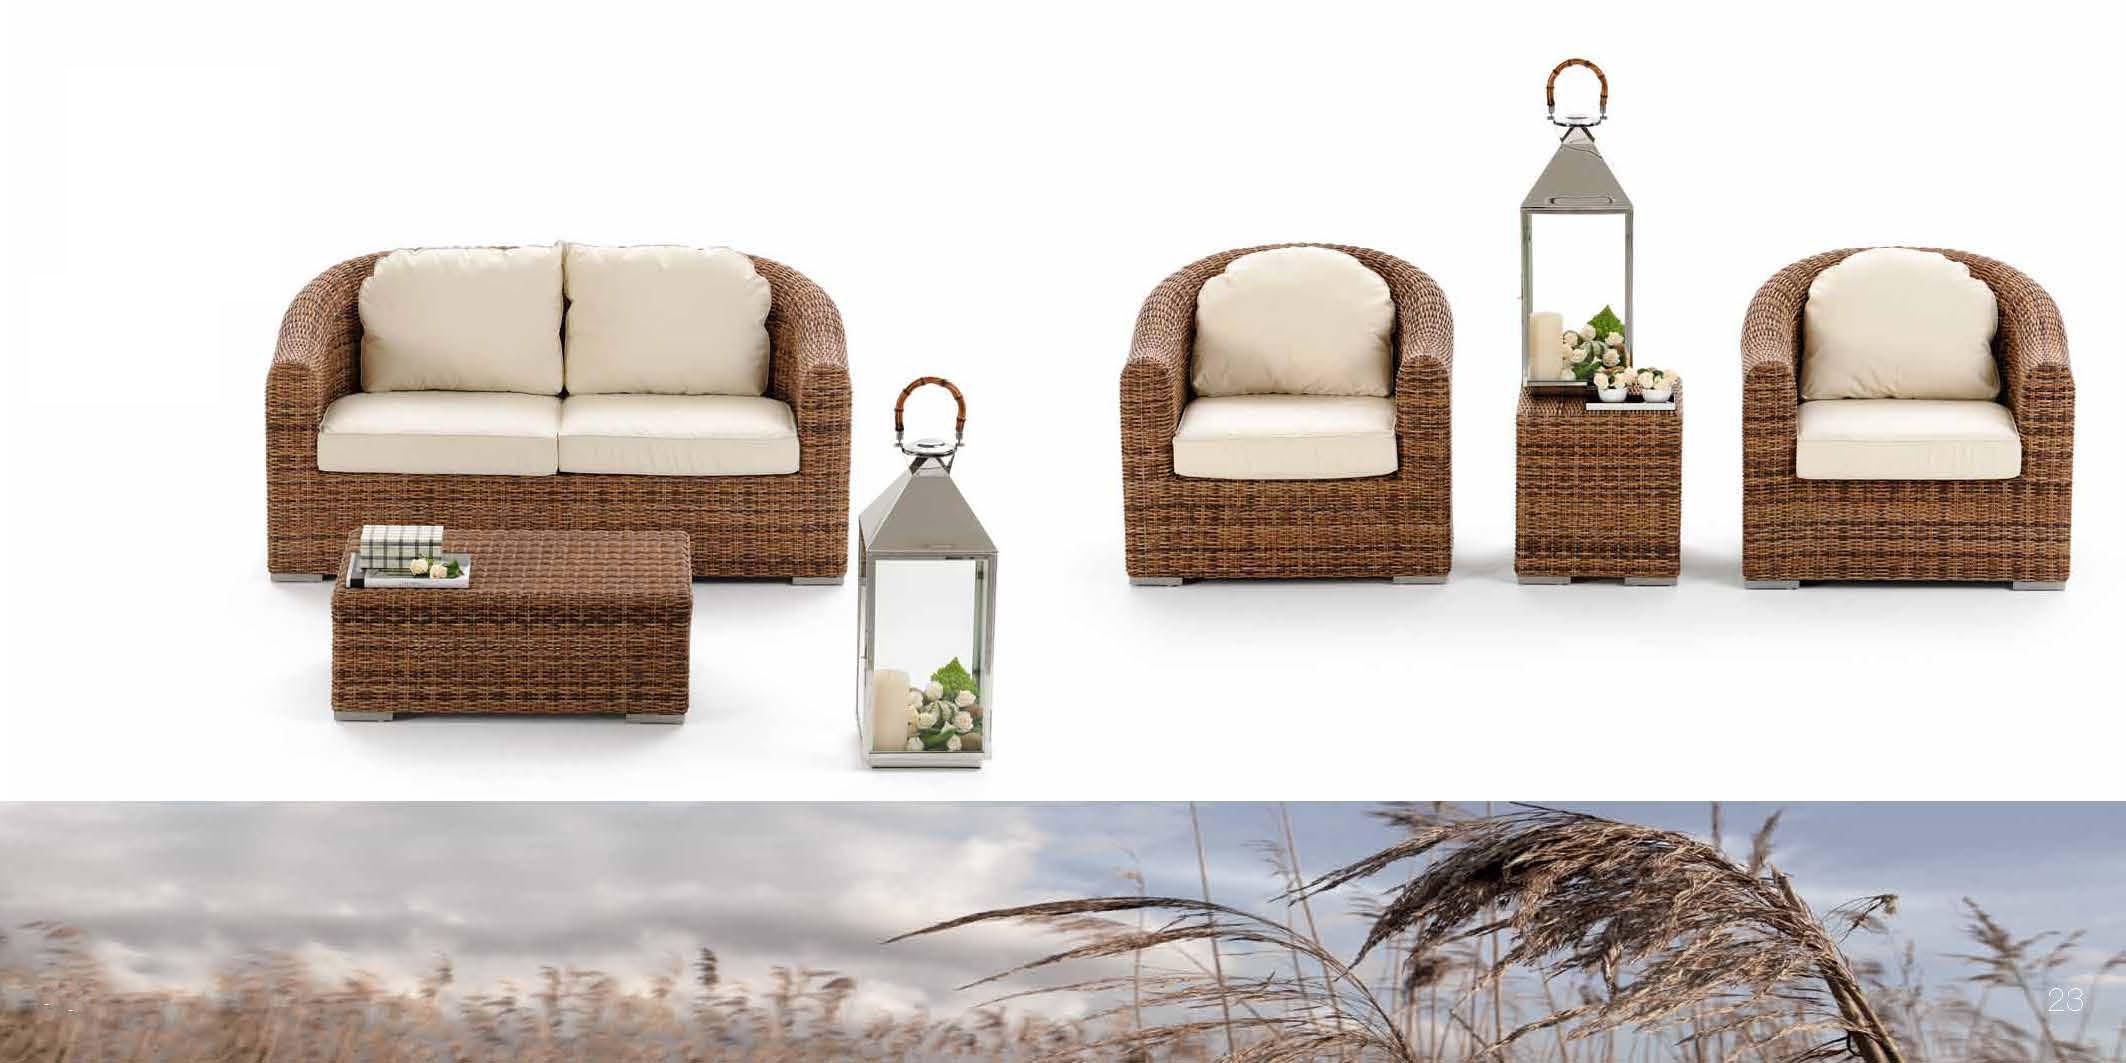 Divani esterno rattan sintetico idee per il design della for Divani per esterno offerte